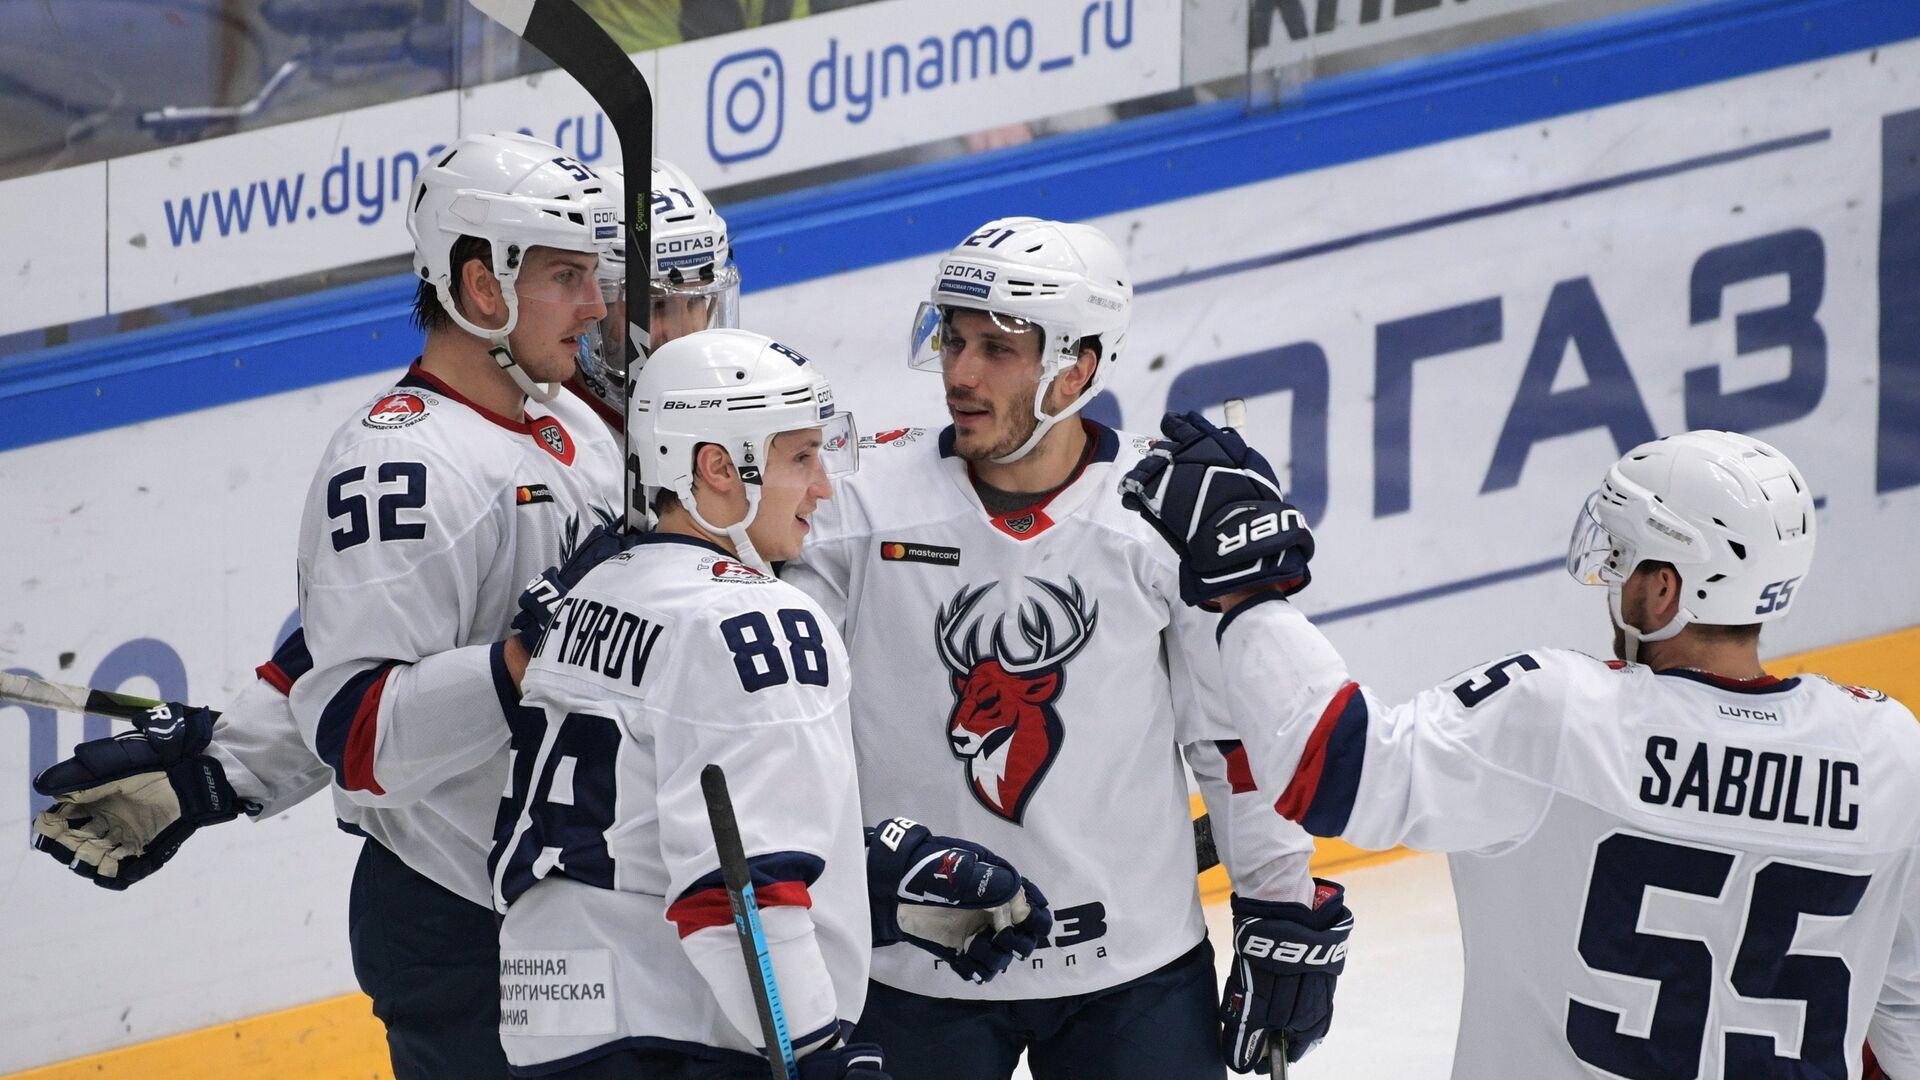 Хоккеисты Торпедо радуются заброшенной шайбе - РИА Новости, 1920, 01.02.2021